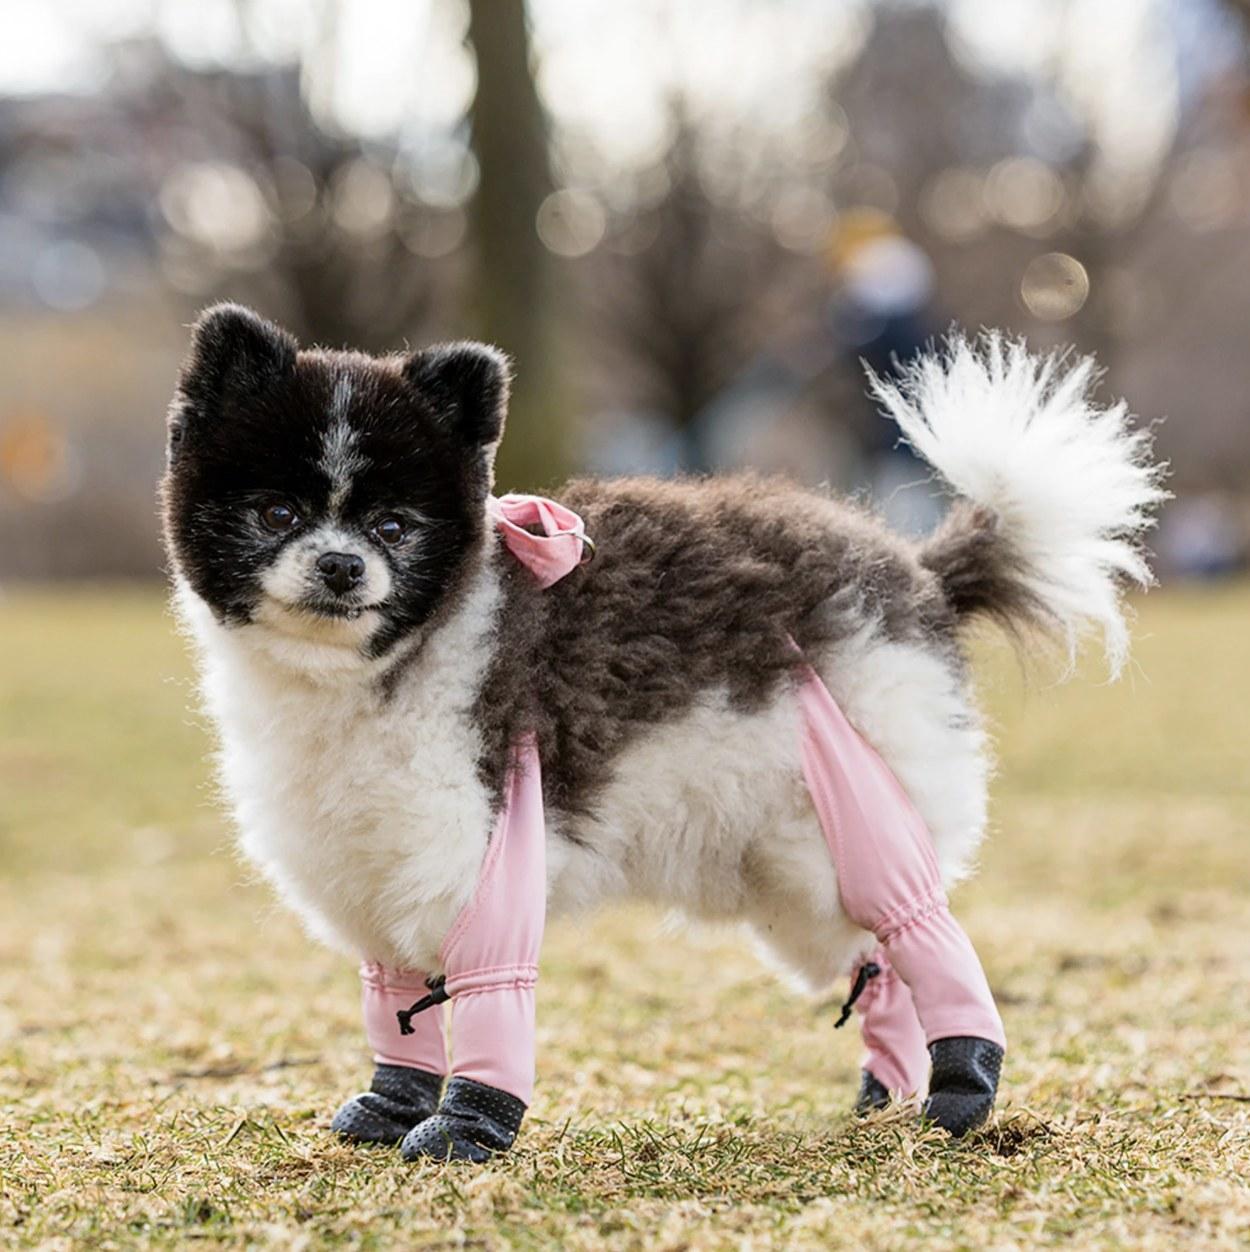 A dog wearing leggings